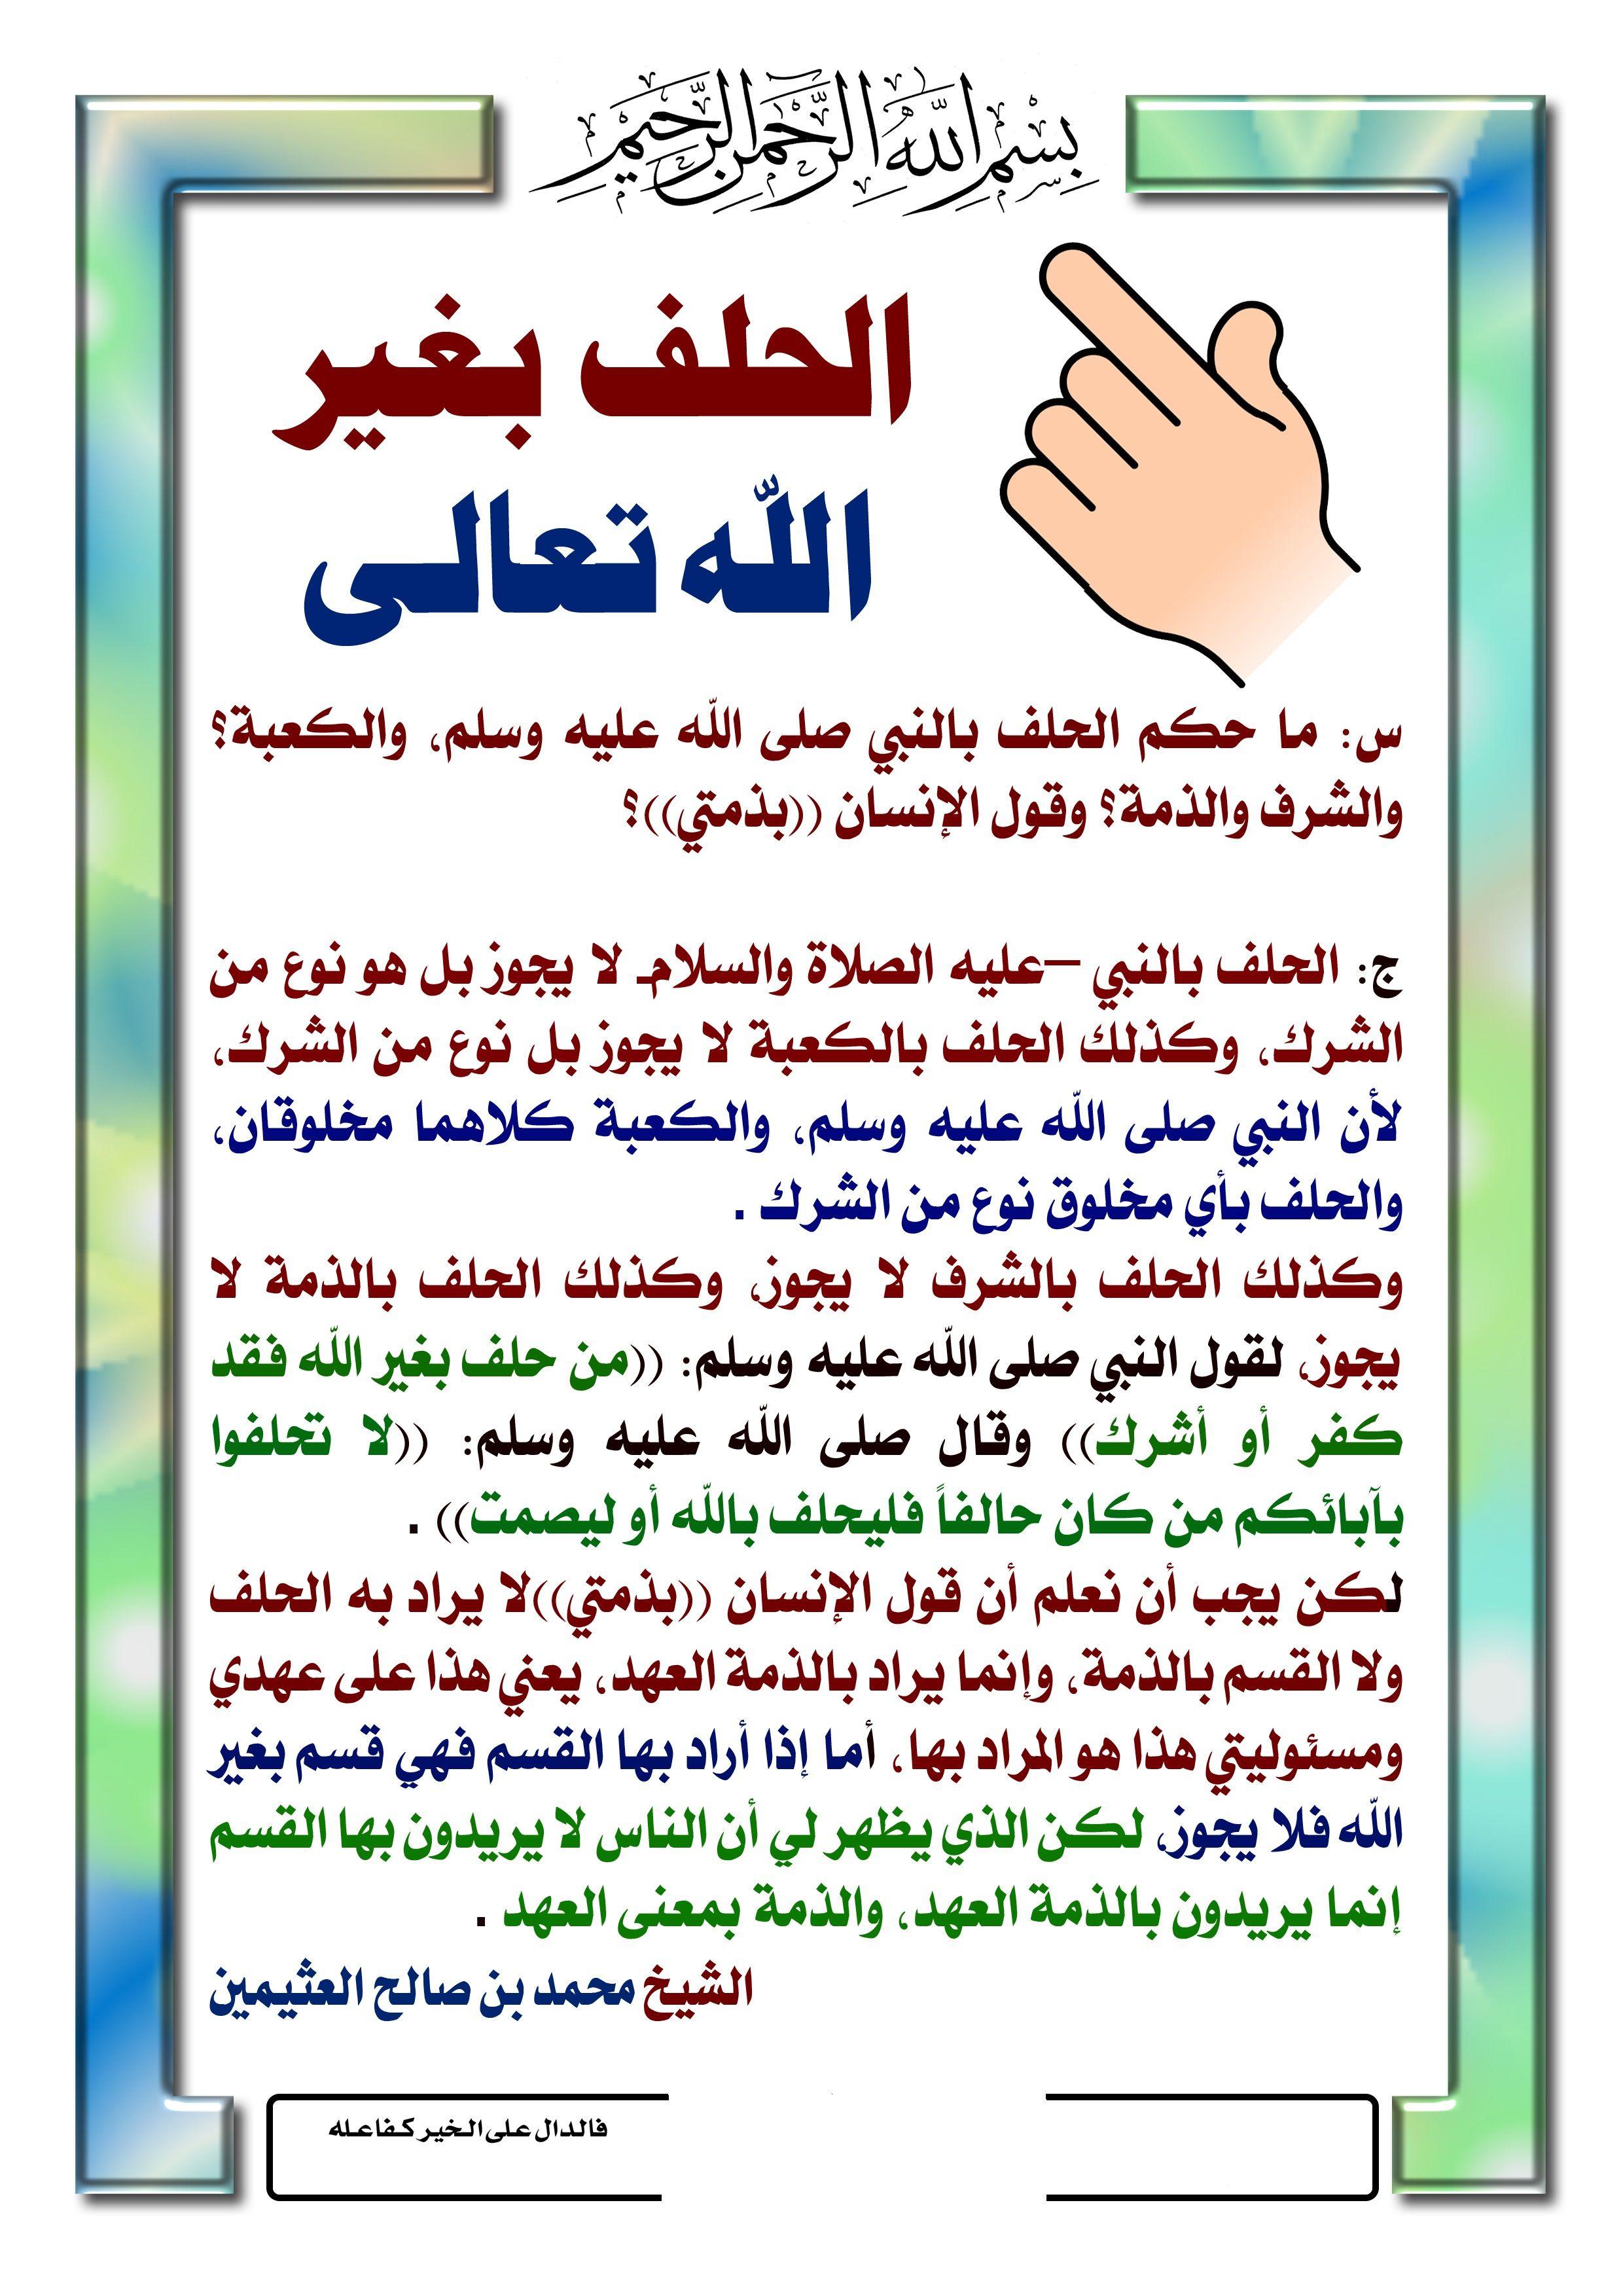 Pin By الدعوة إلى الله On أحاديث نبوية شريفة صحيحة عن اليمين الغموس Words Islamic Qoutes Qoutes